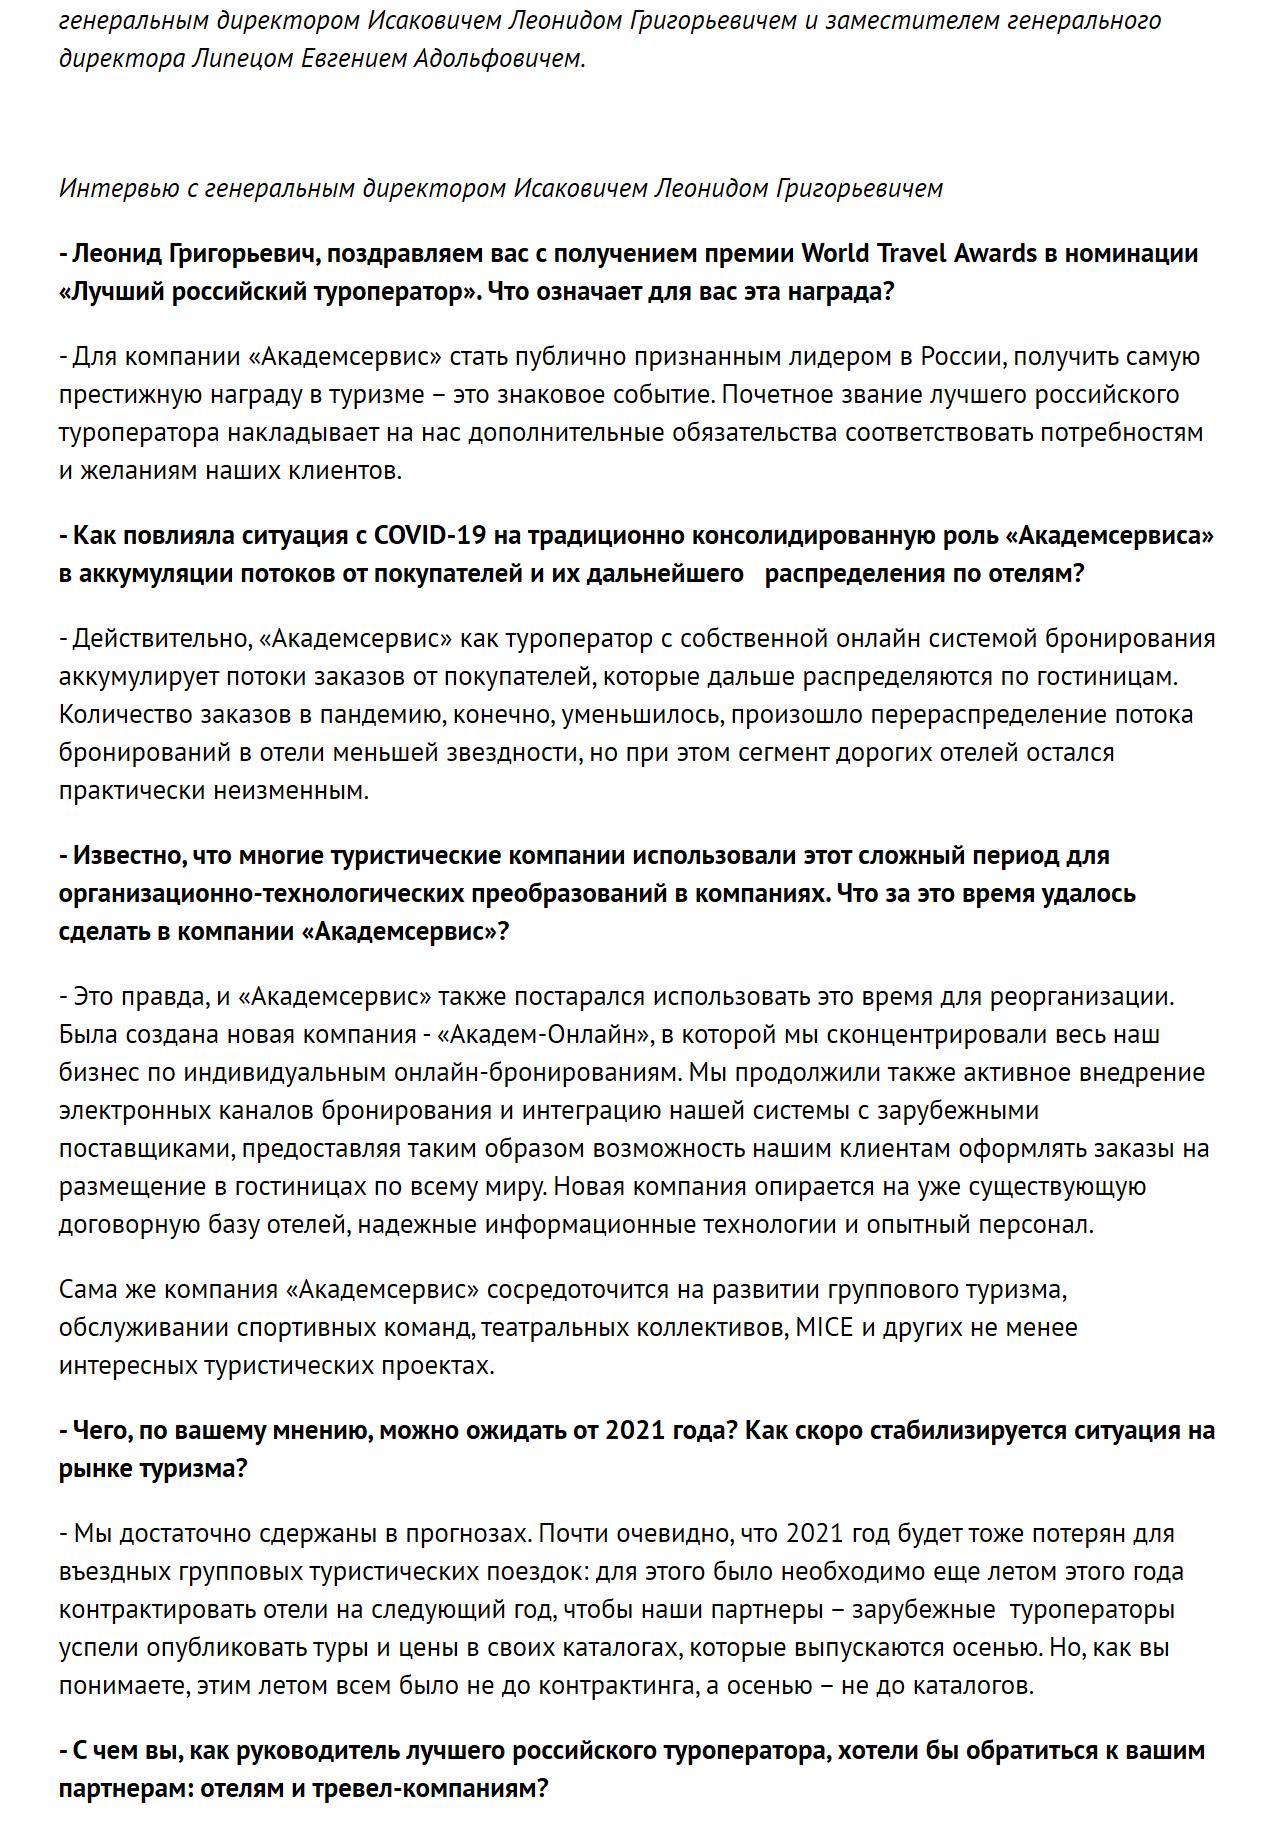 «Спортивные новости в Москве», sport.russia24.pro, 01.12.2020